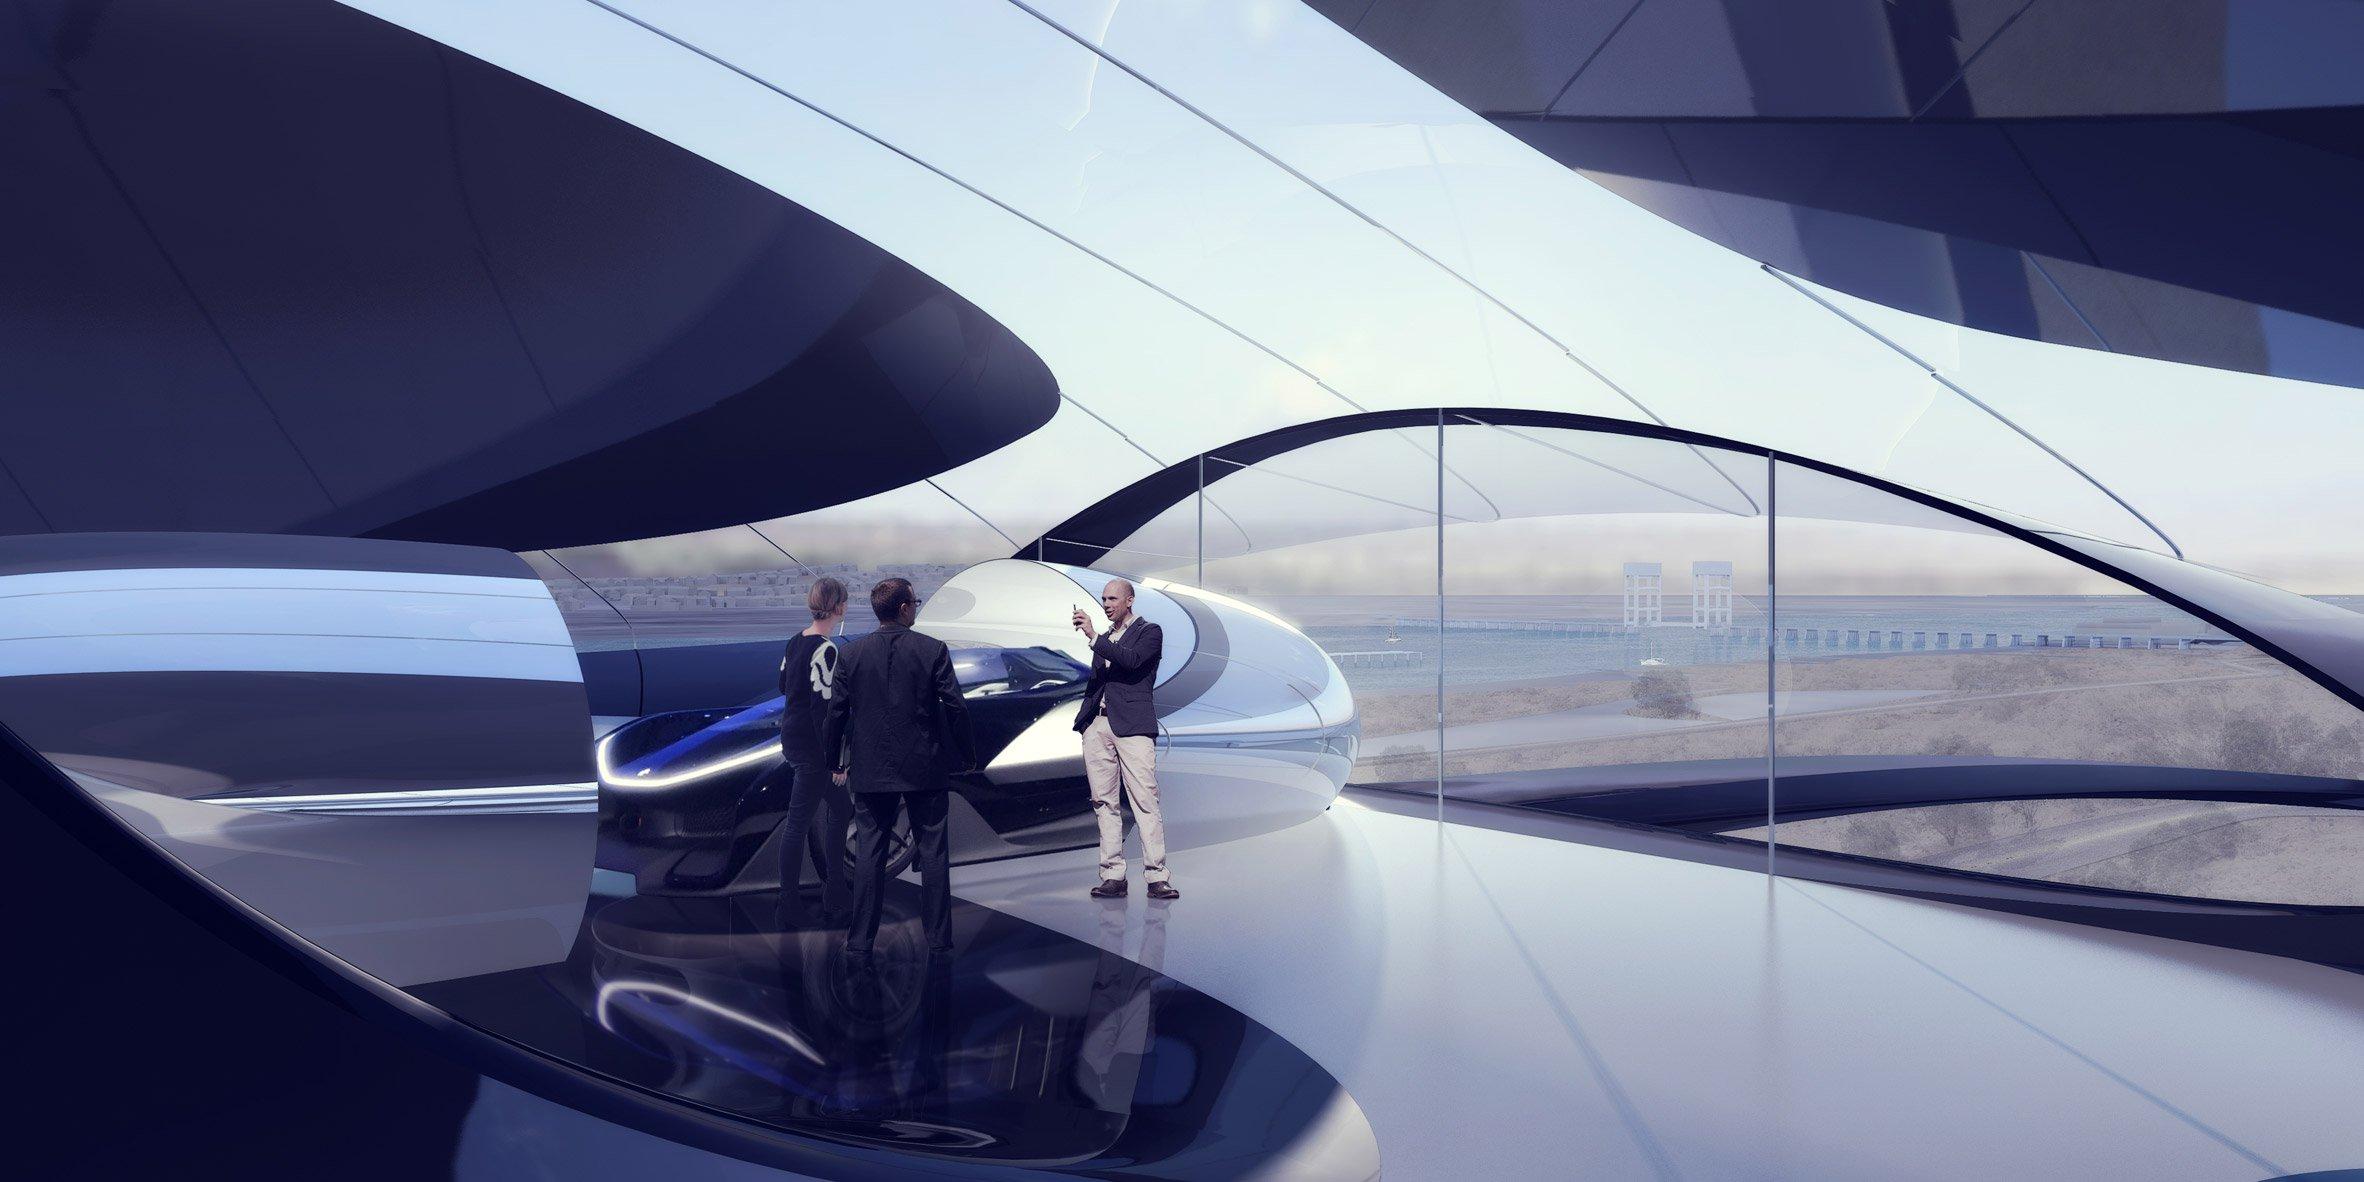 В башне будут размещены выставочное пространство и центр пользовательского опыта для посетителей